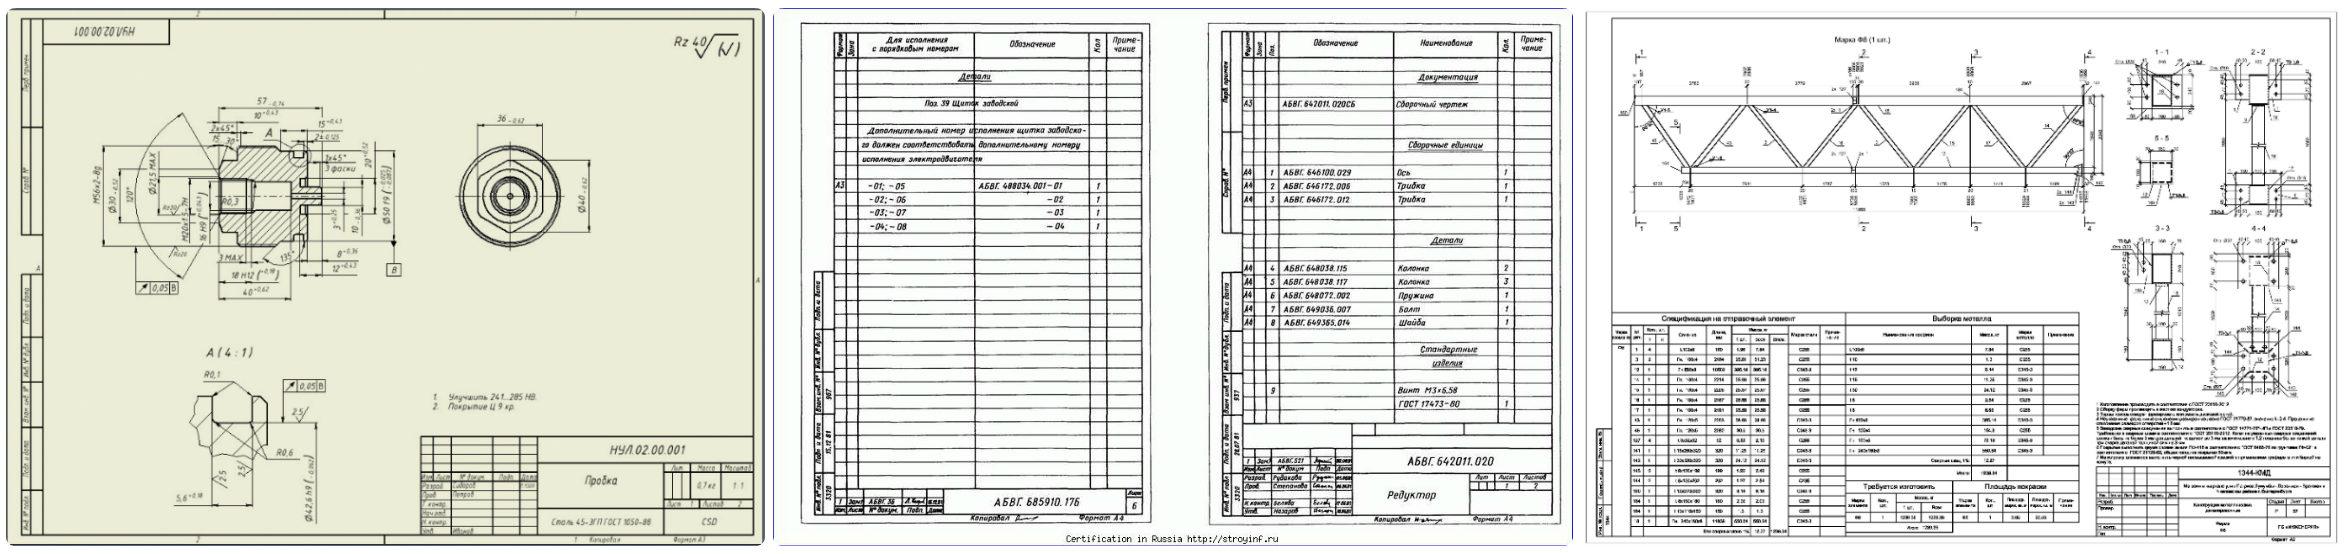 Конструкторское бюро-промышленное проектирование, проектирование сооружений, сопровождение производства